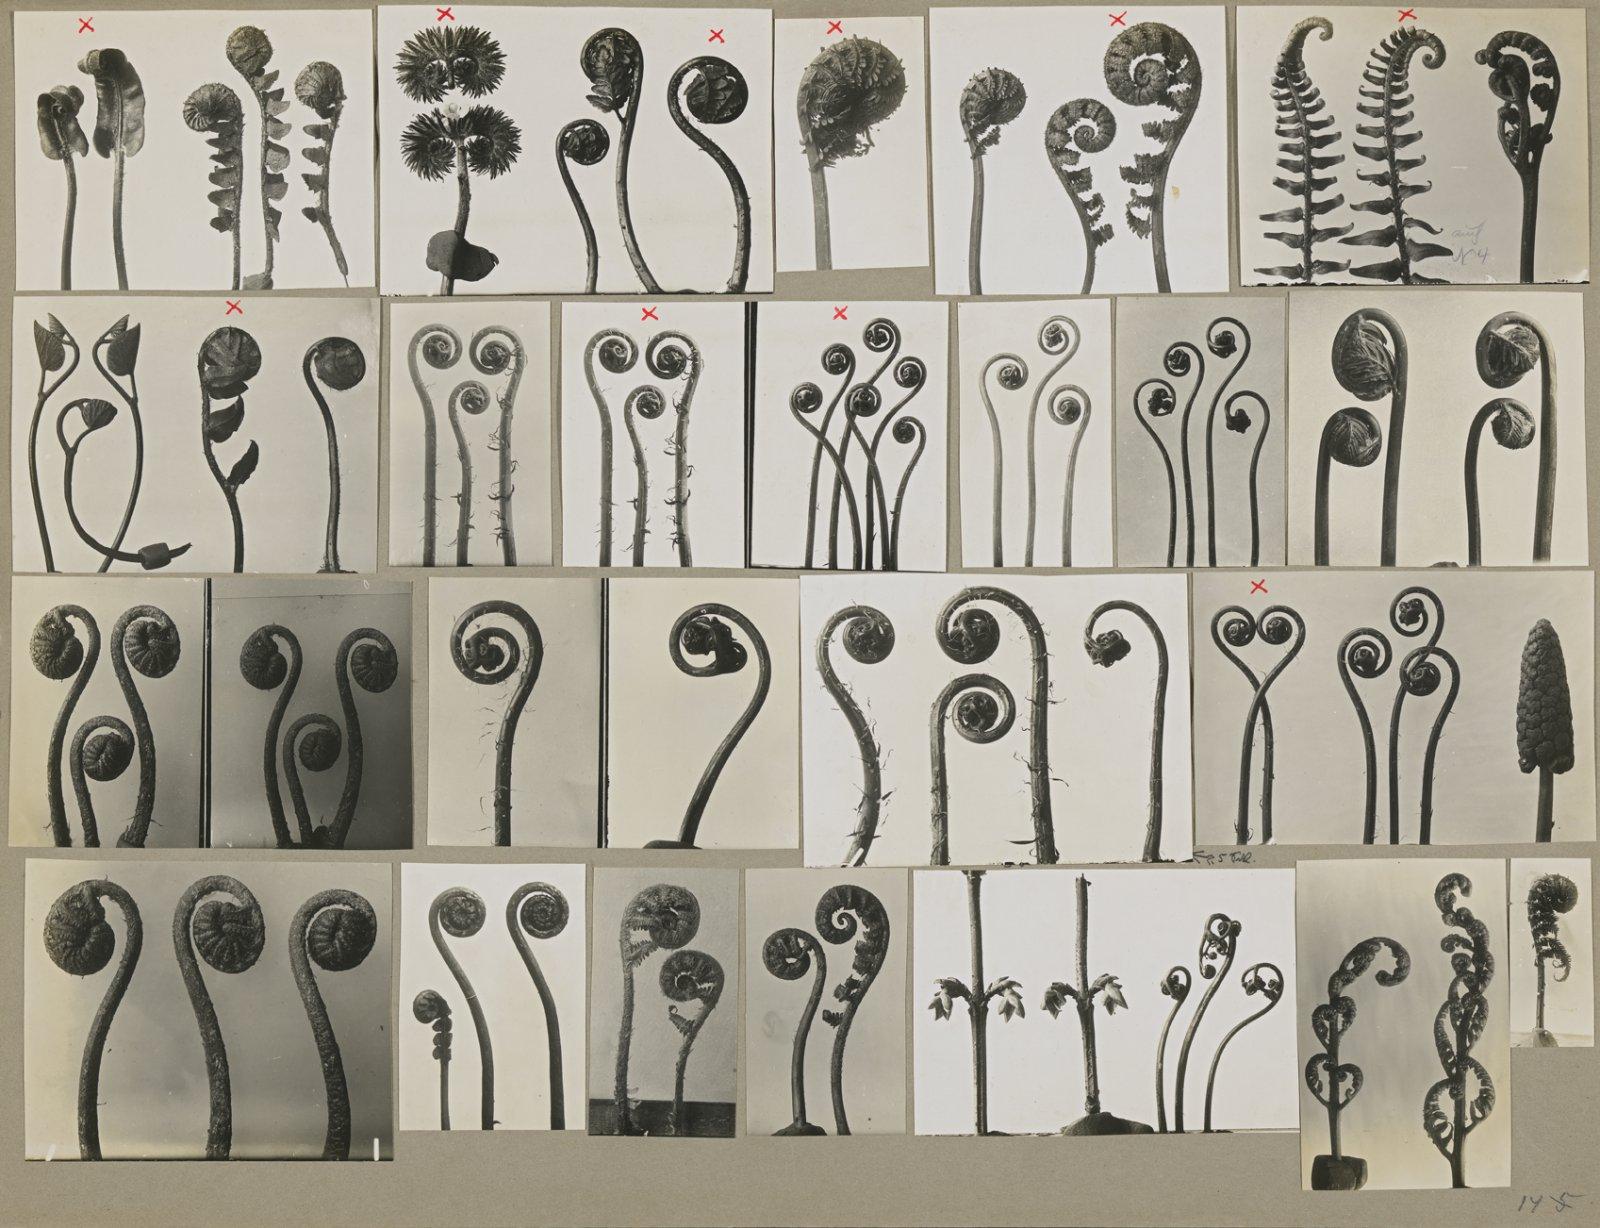 Ferns I, Working collage,  before 1928 © Karl Blossfeldt Archiv / Stiftung Ann und Jürgen Wilde, Pinakothek der Moderne, München